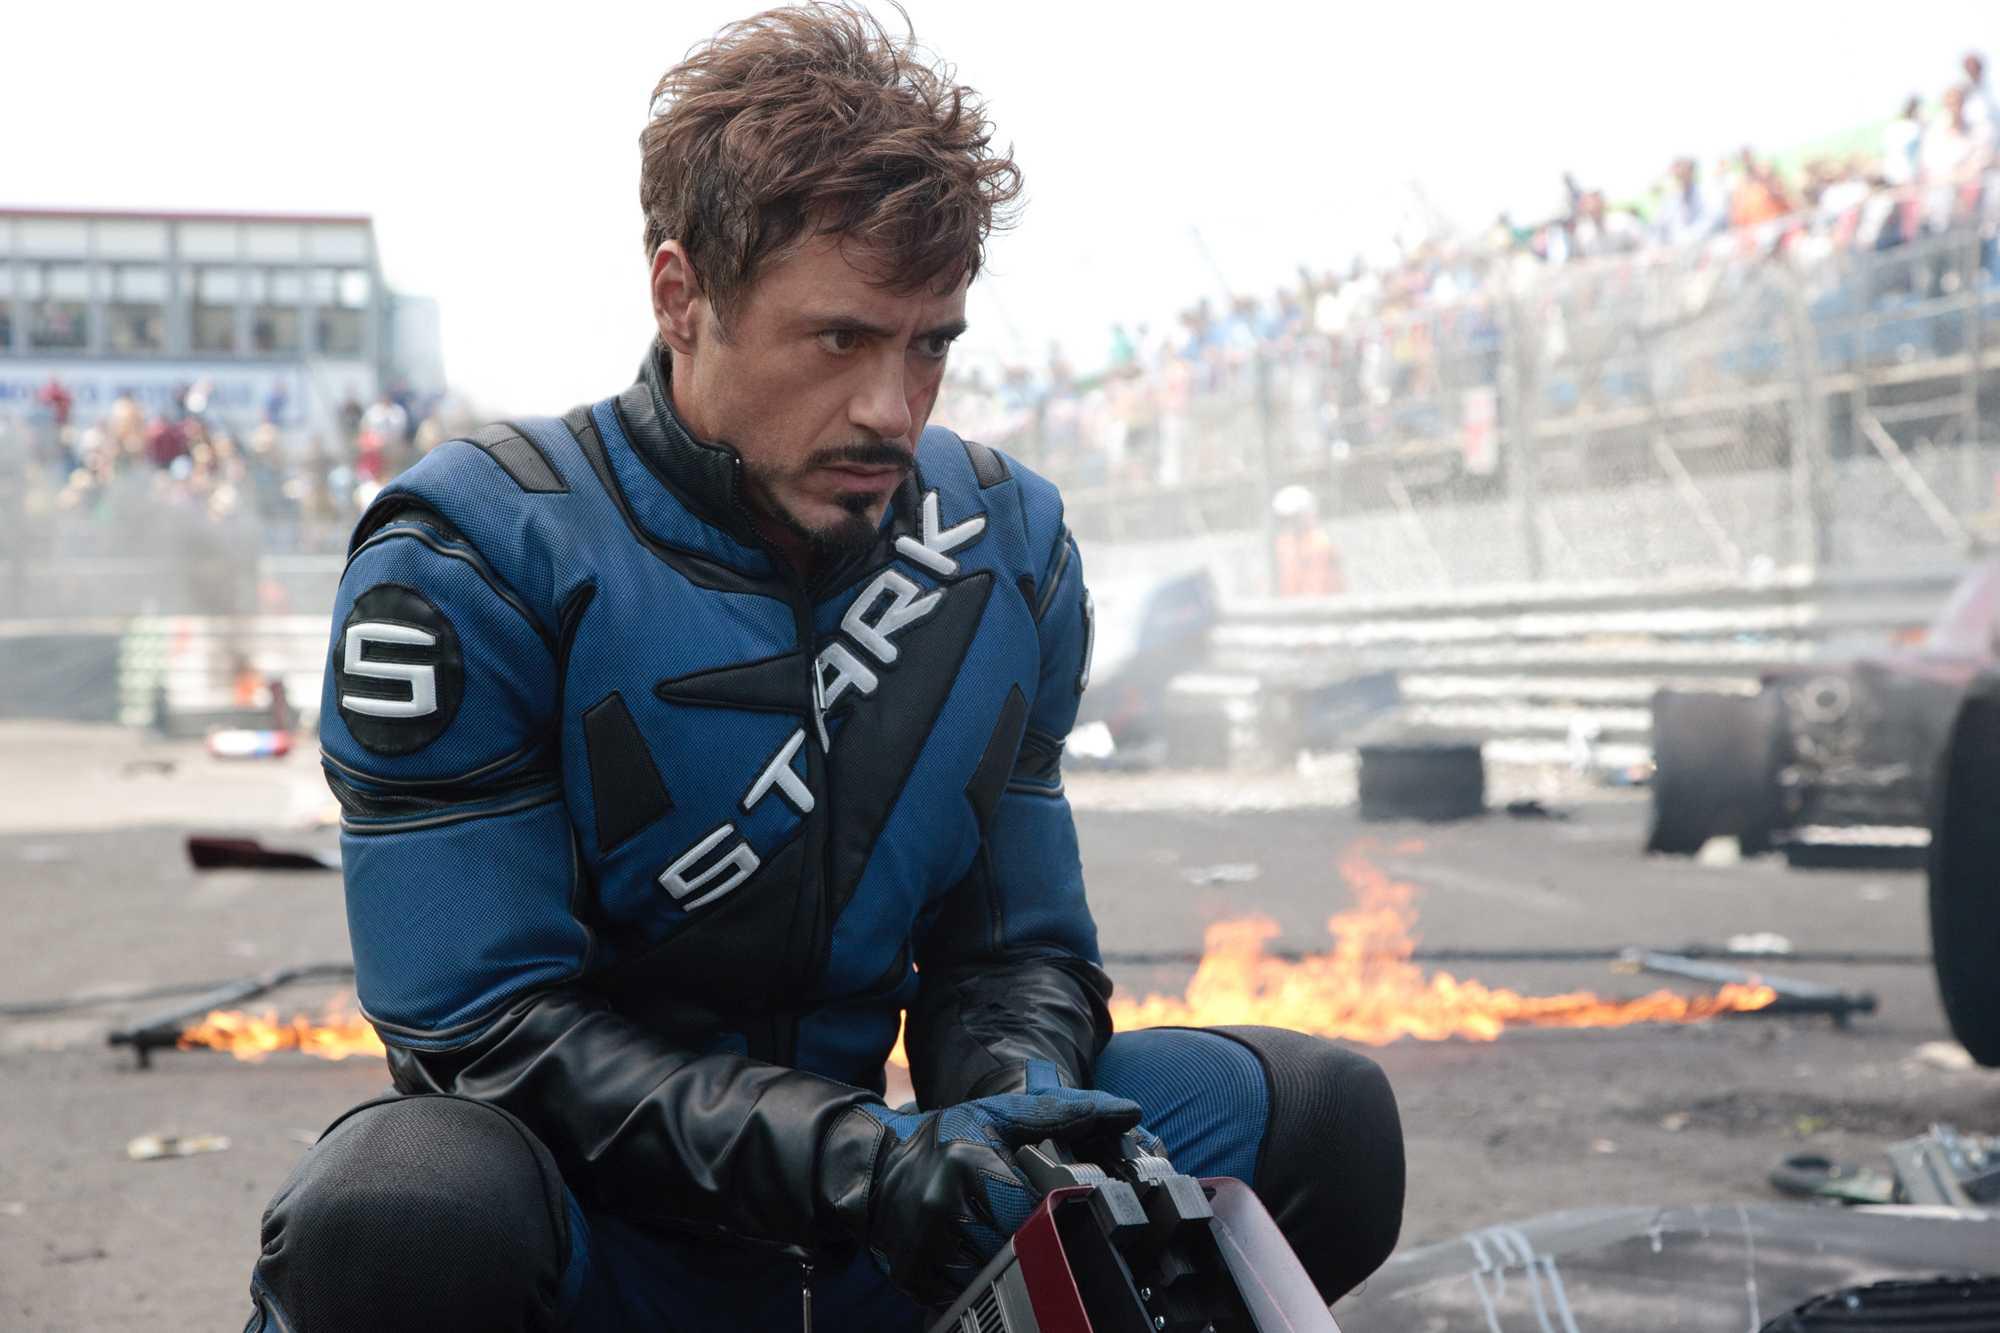 Tony Stark - Iron Man #2 Review - Comic Book Revolution  |Tony Stark Iron Man 2 Hair